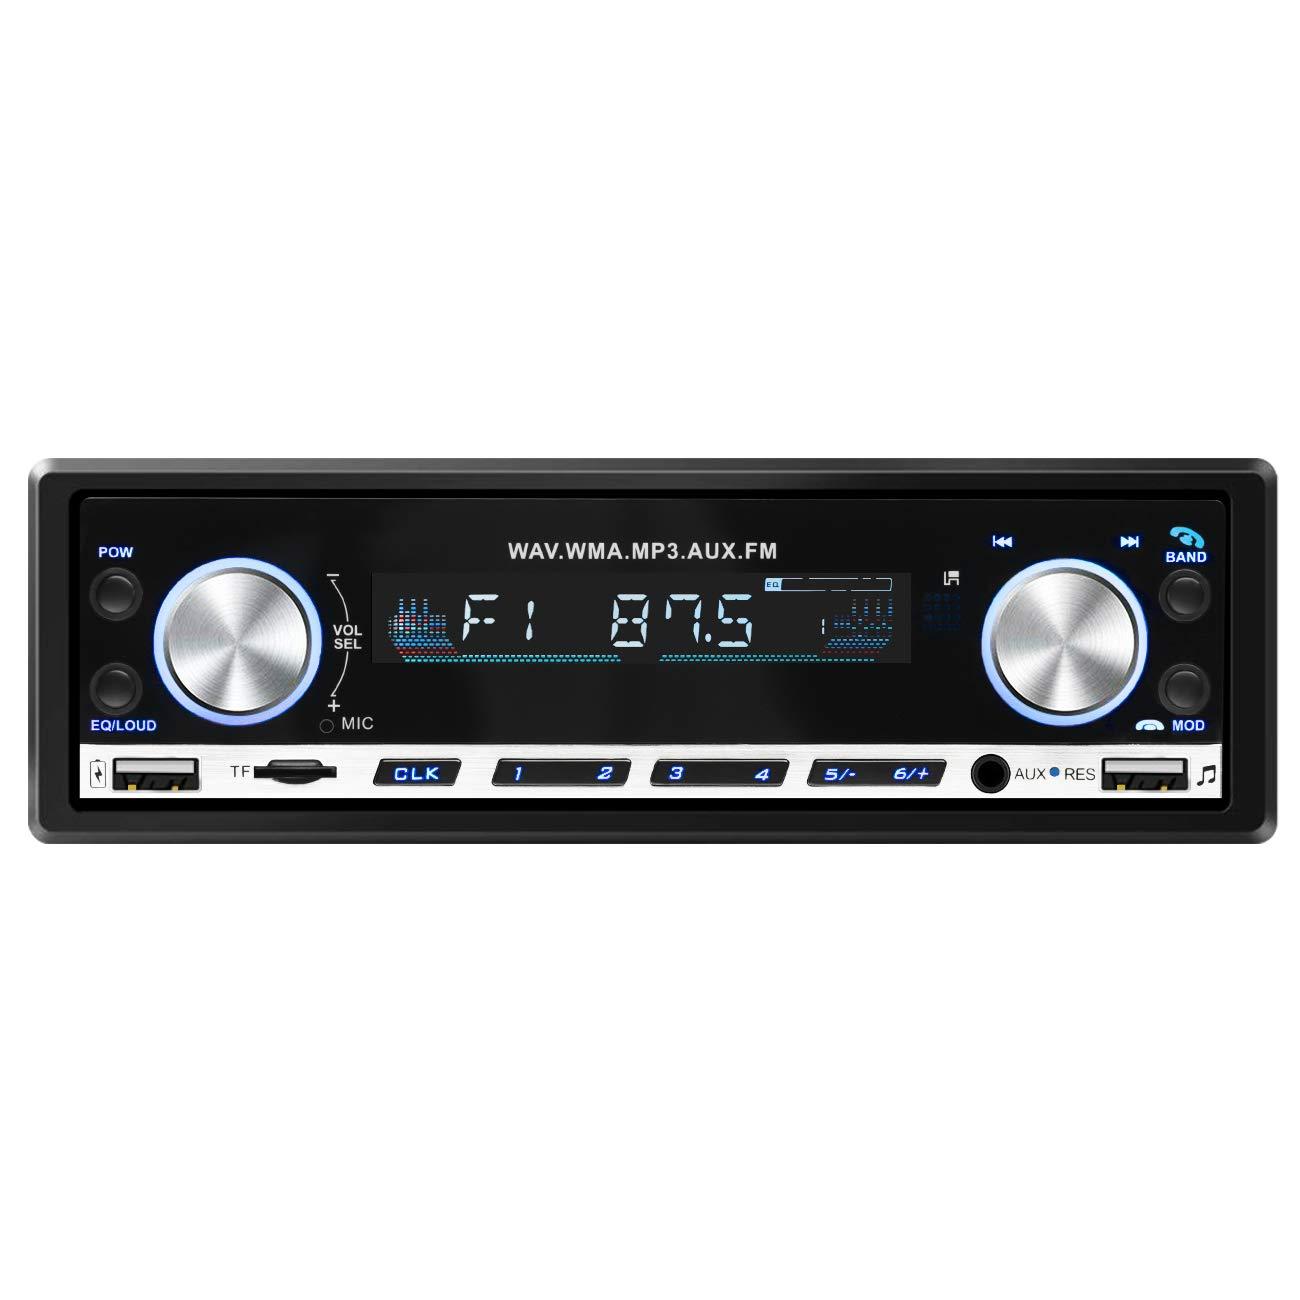 Favoto Autoradio Stereo Auto Bluetooth 4.2 Supporta Radio FM Riproduzione USB Micro SD AUX Chiamata in Vivavoce, Potenza 4 x 60W con Controllo Remoto FTEU-CarStereo-MP3-20168